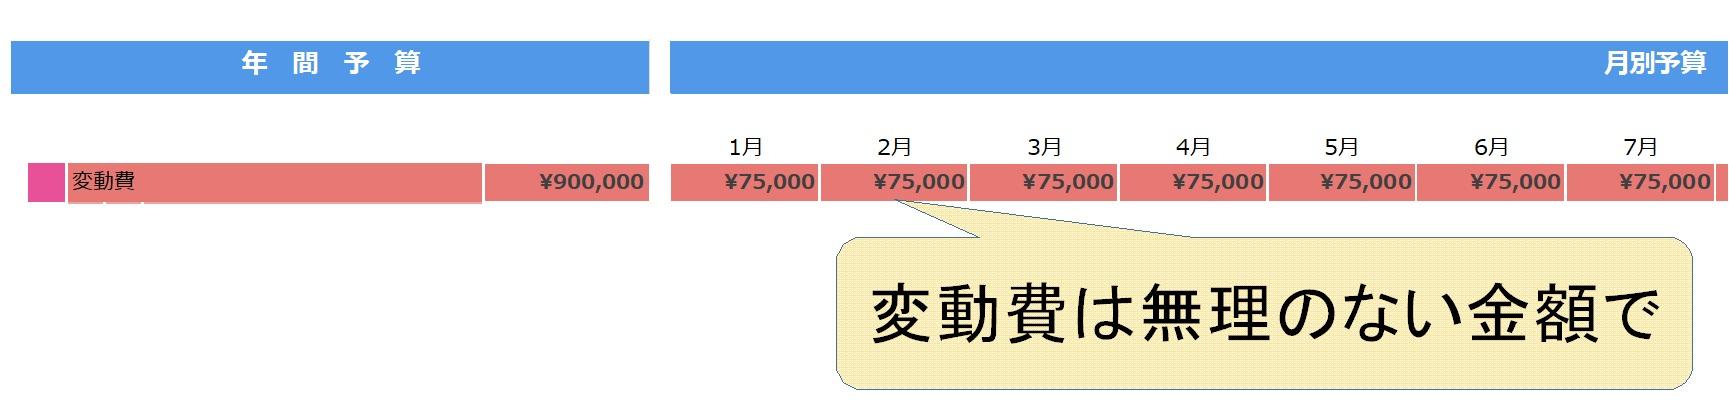 月別貯蓄目標の立て方の説明(変動費)